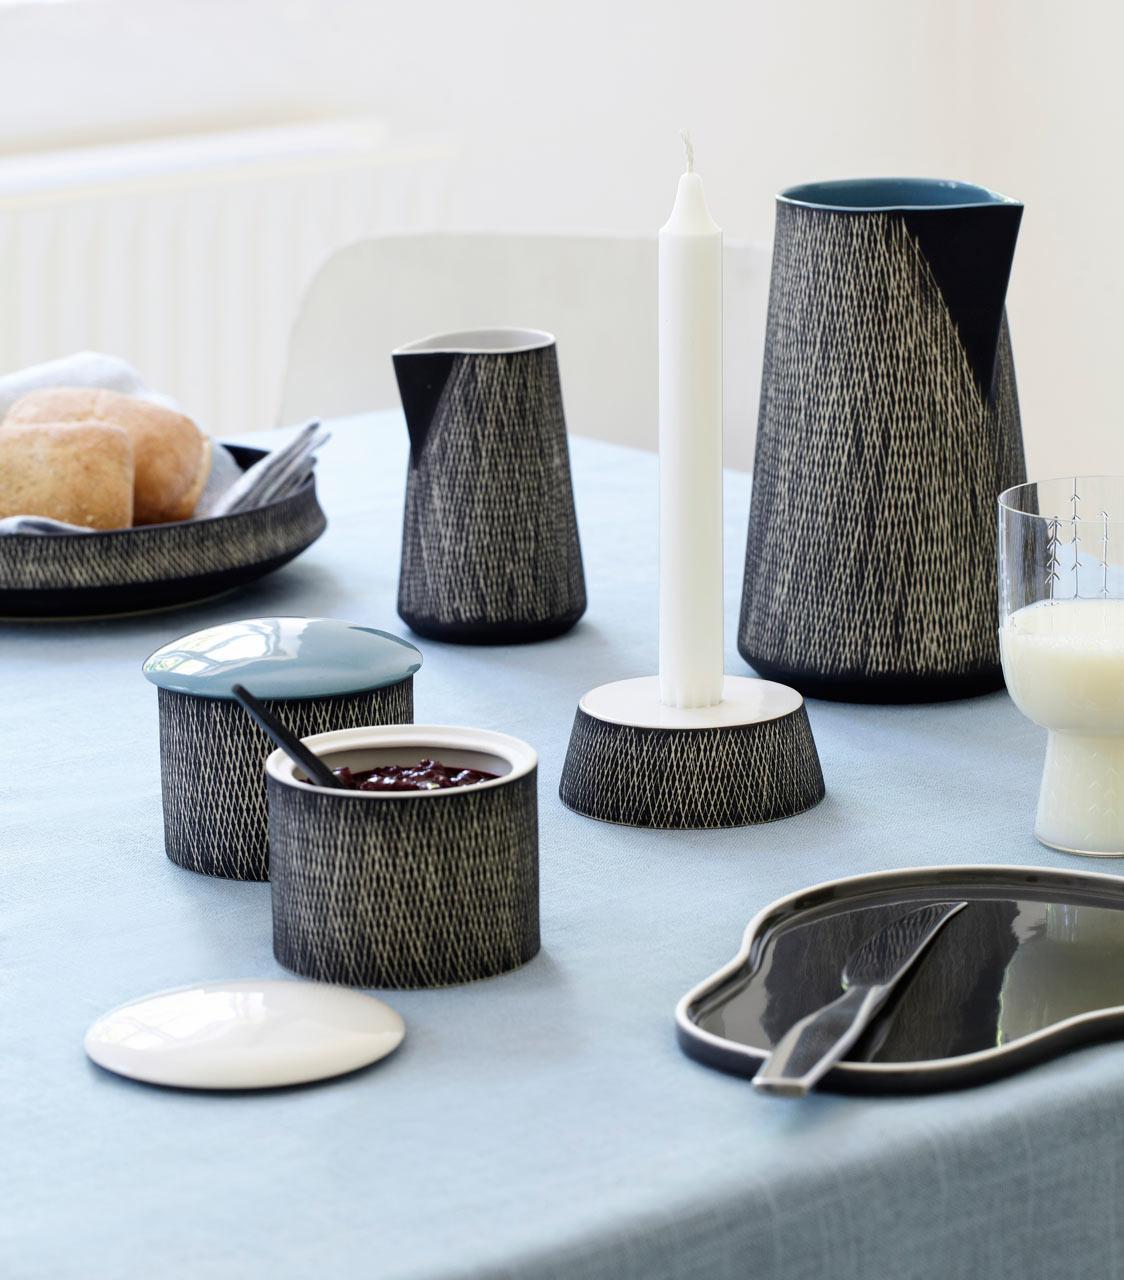 Rikki-Tikki-Just-Retro-Ceramic-Tableware-1